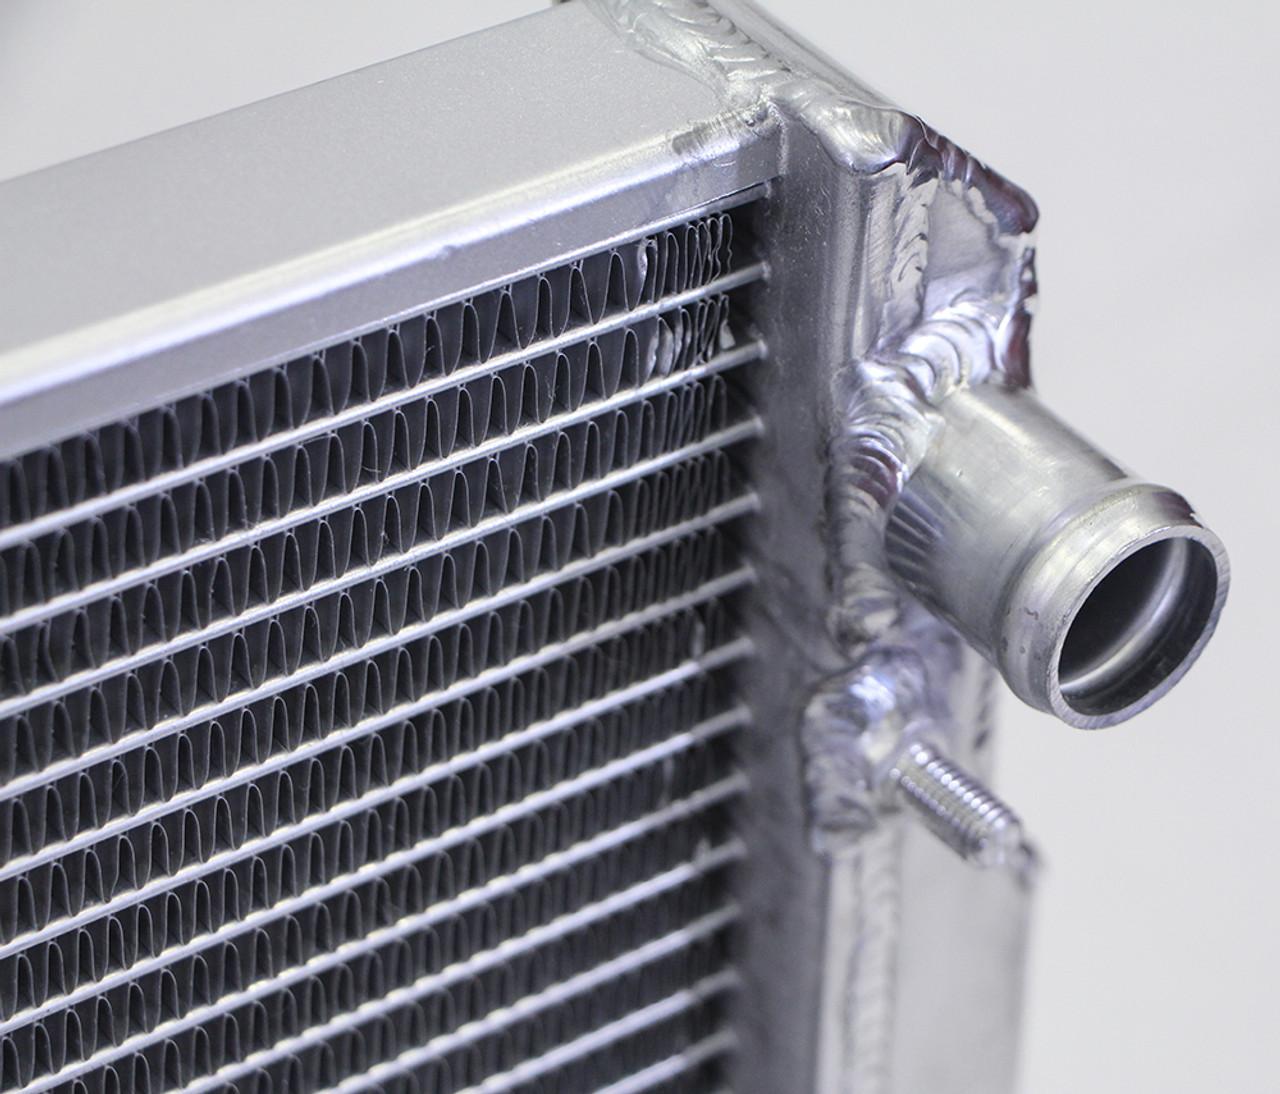 2010-2014 Polaris RZR 4 800 4x4 UTV Radiator Cooling Fan Motor